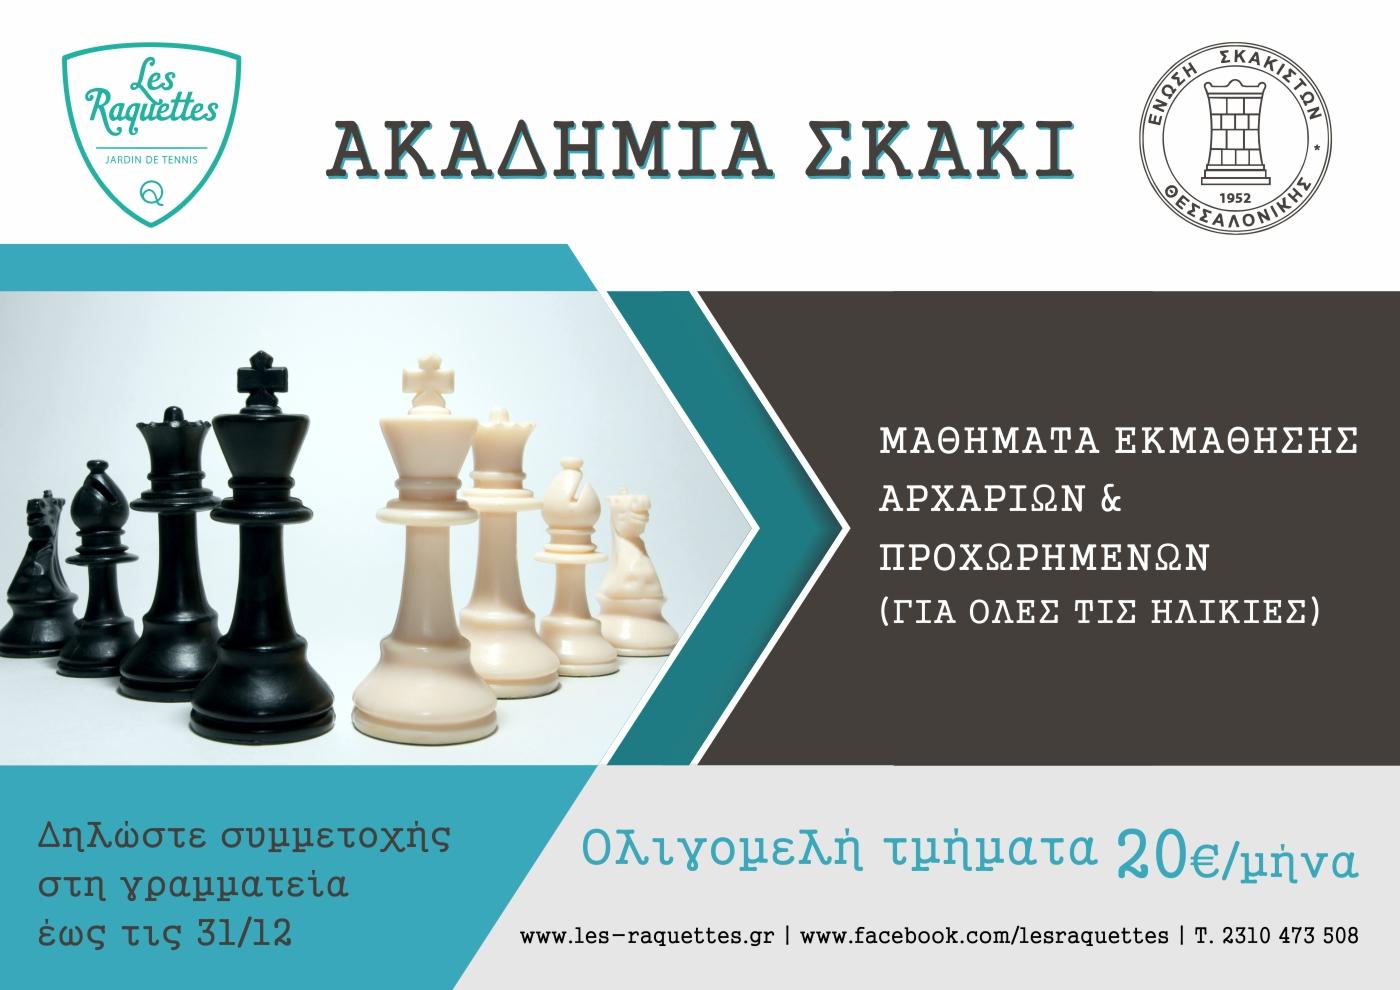 Σκάκι και Τέννις